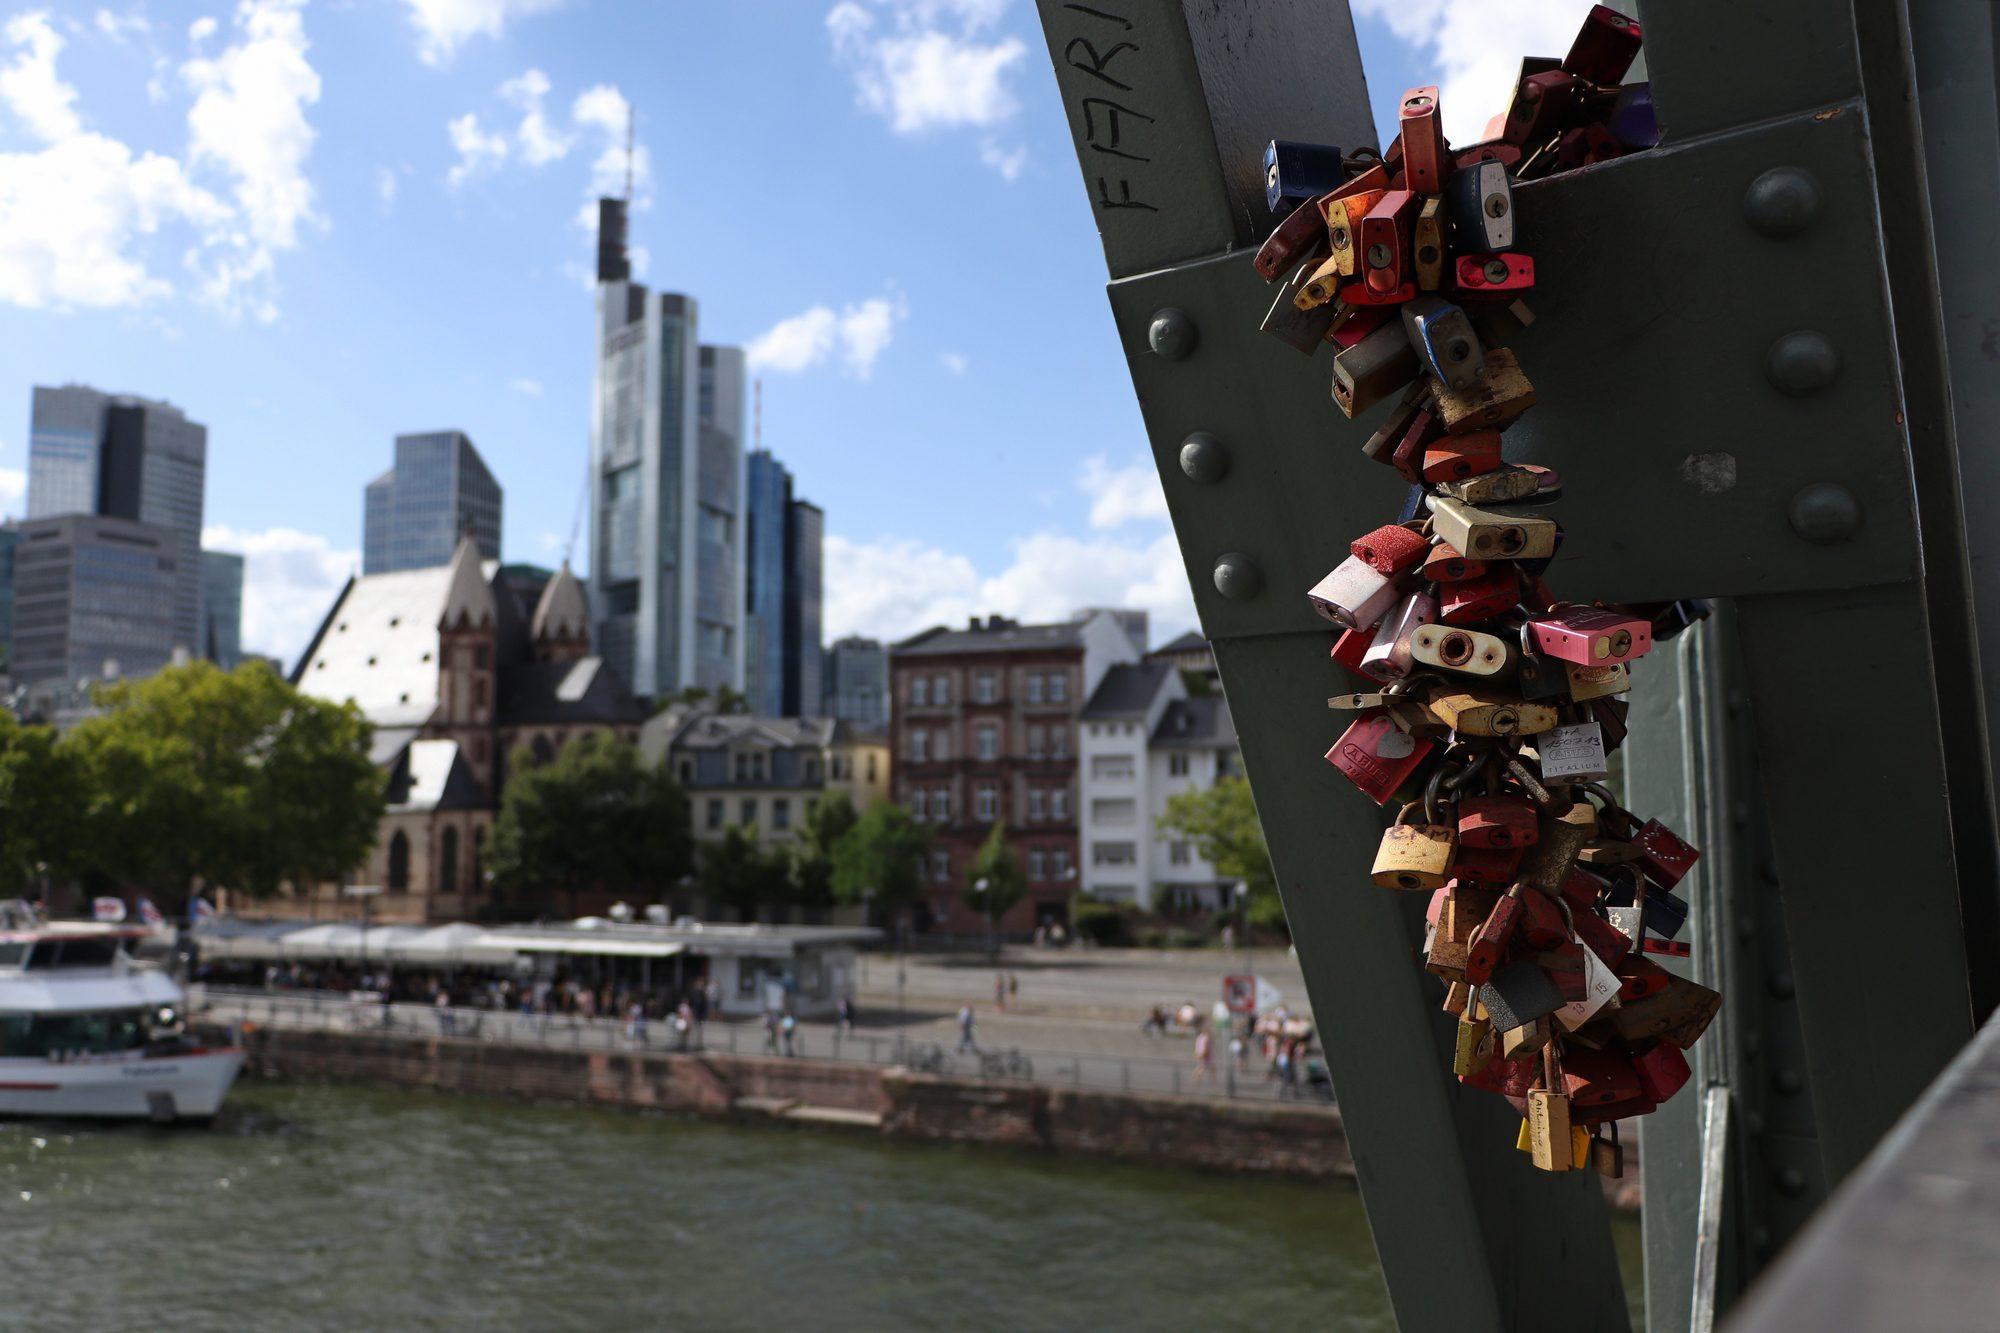 Schlösser am Eisernen Steg mit Blick auf die Skyline von Frankfurt am Main